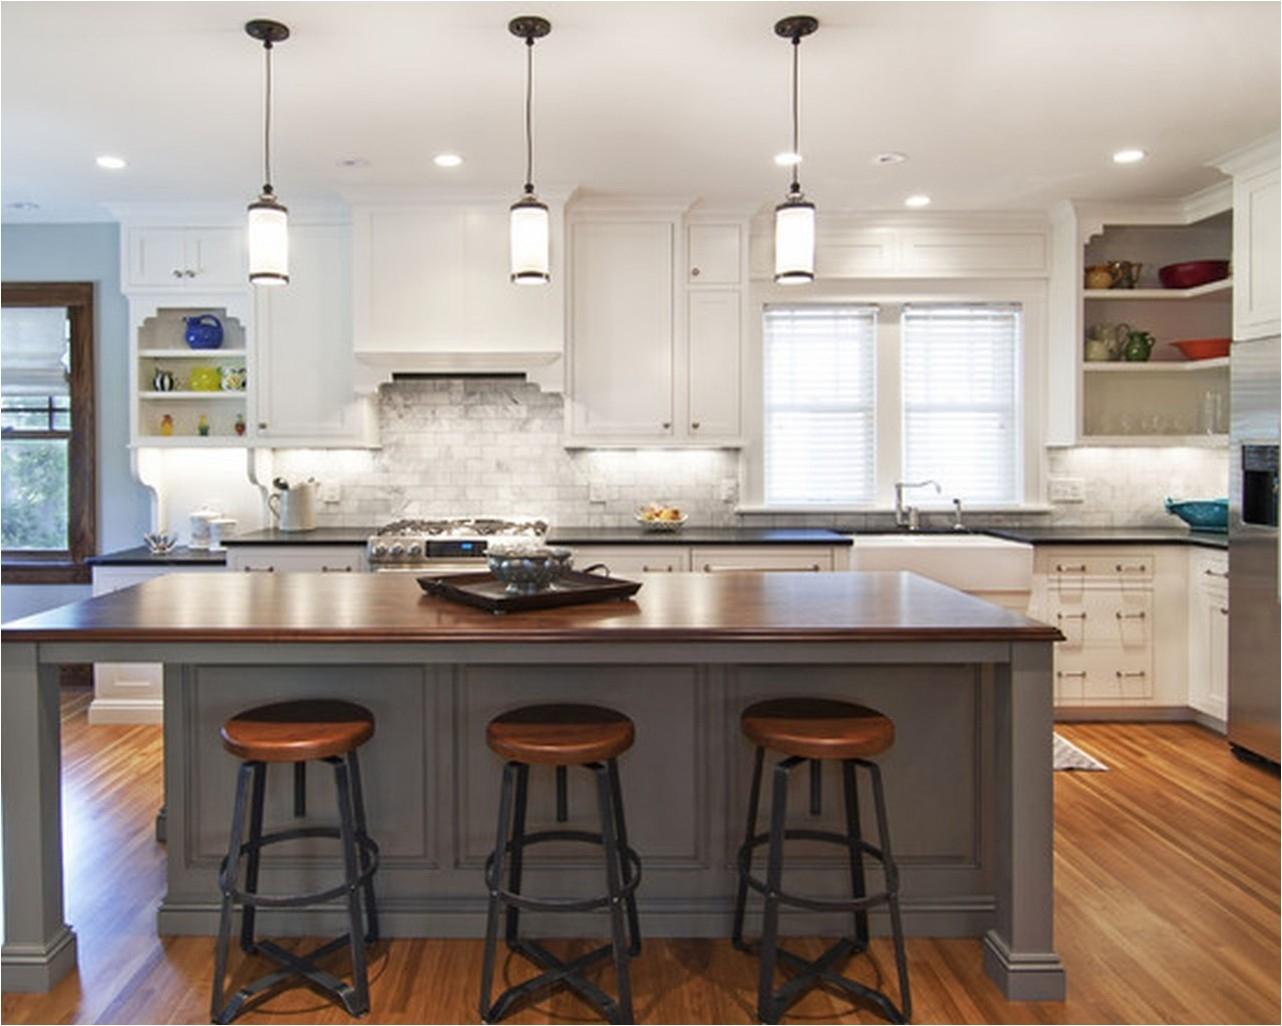 Top Kitchen Lighting Ideas